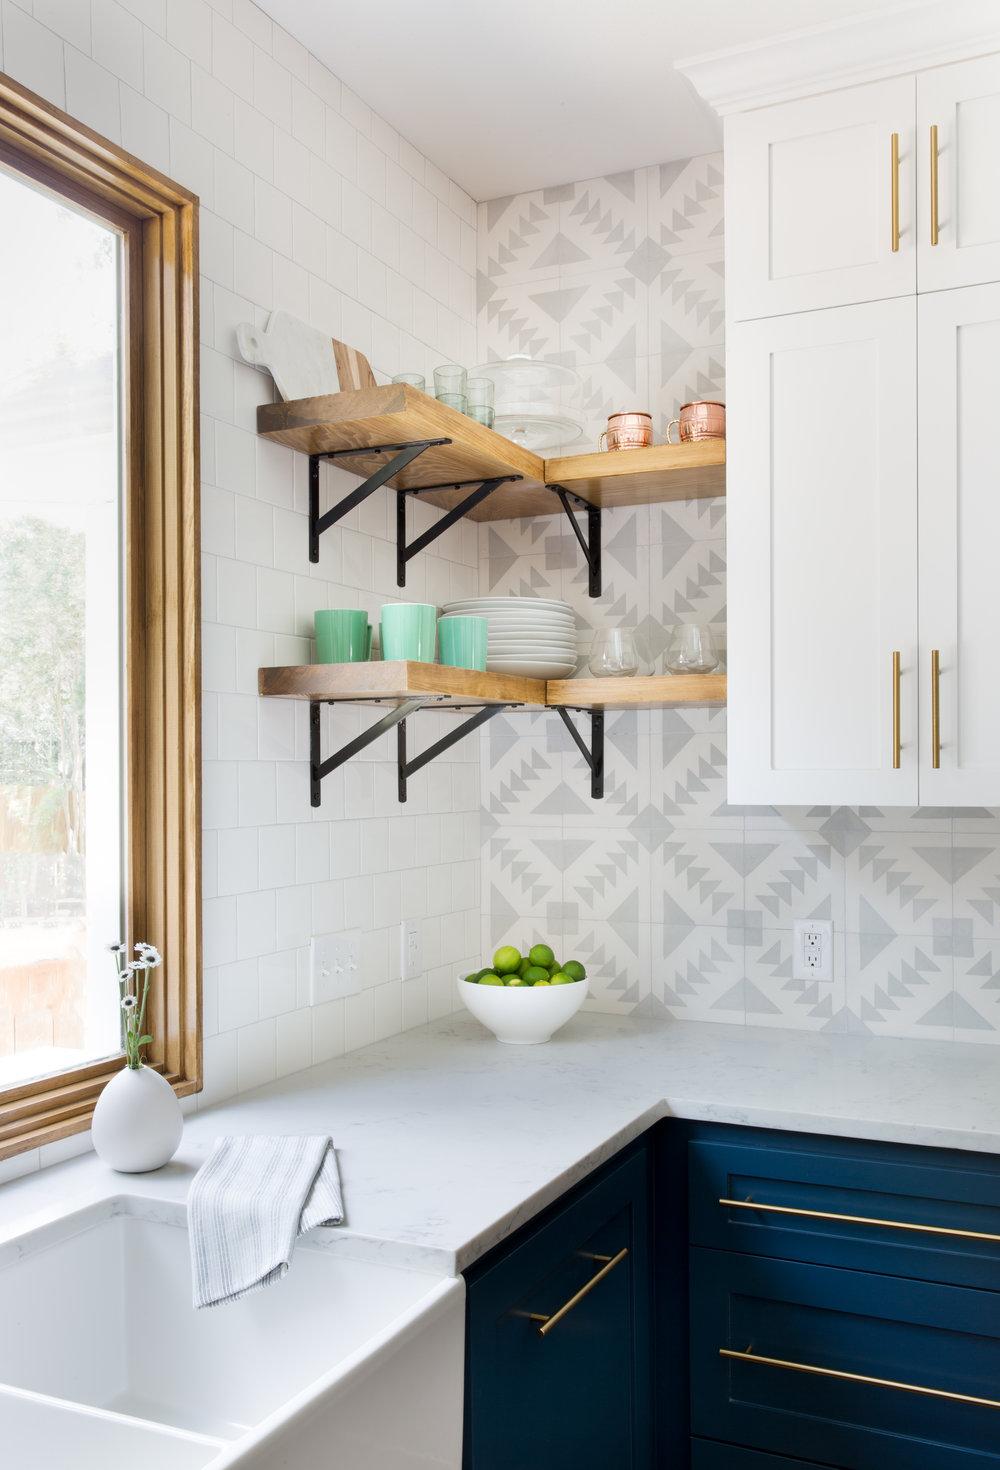 HGTV Kitchen Shannon Eddings 3.jpg